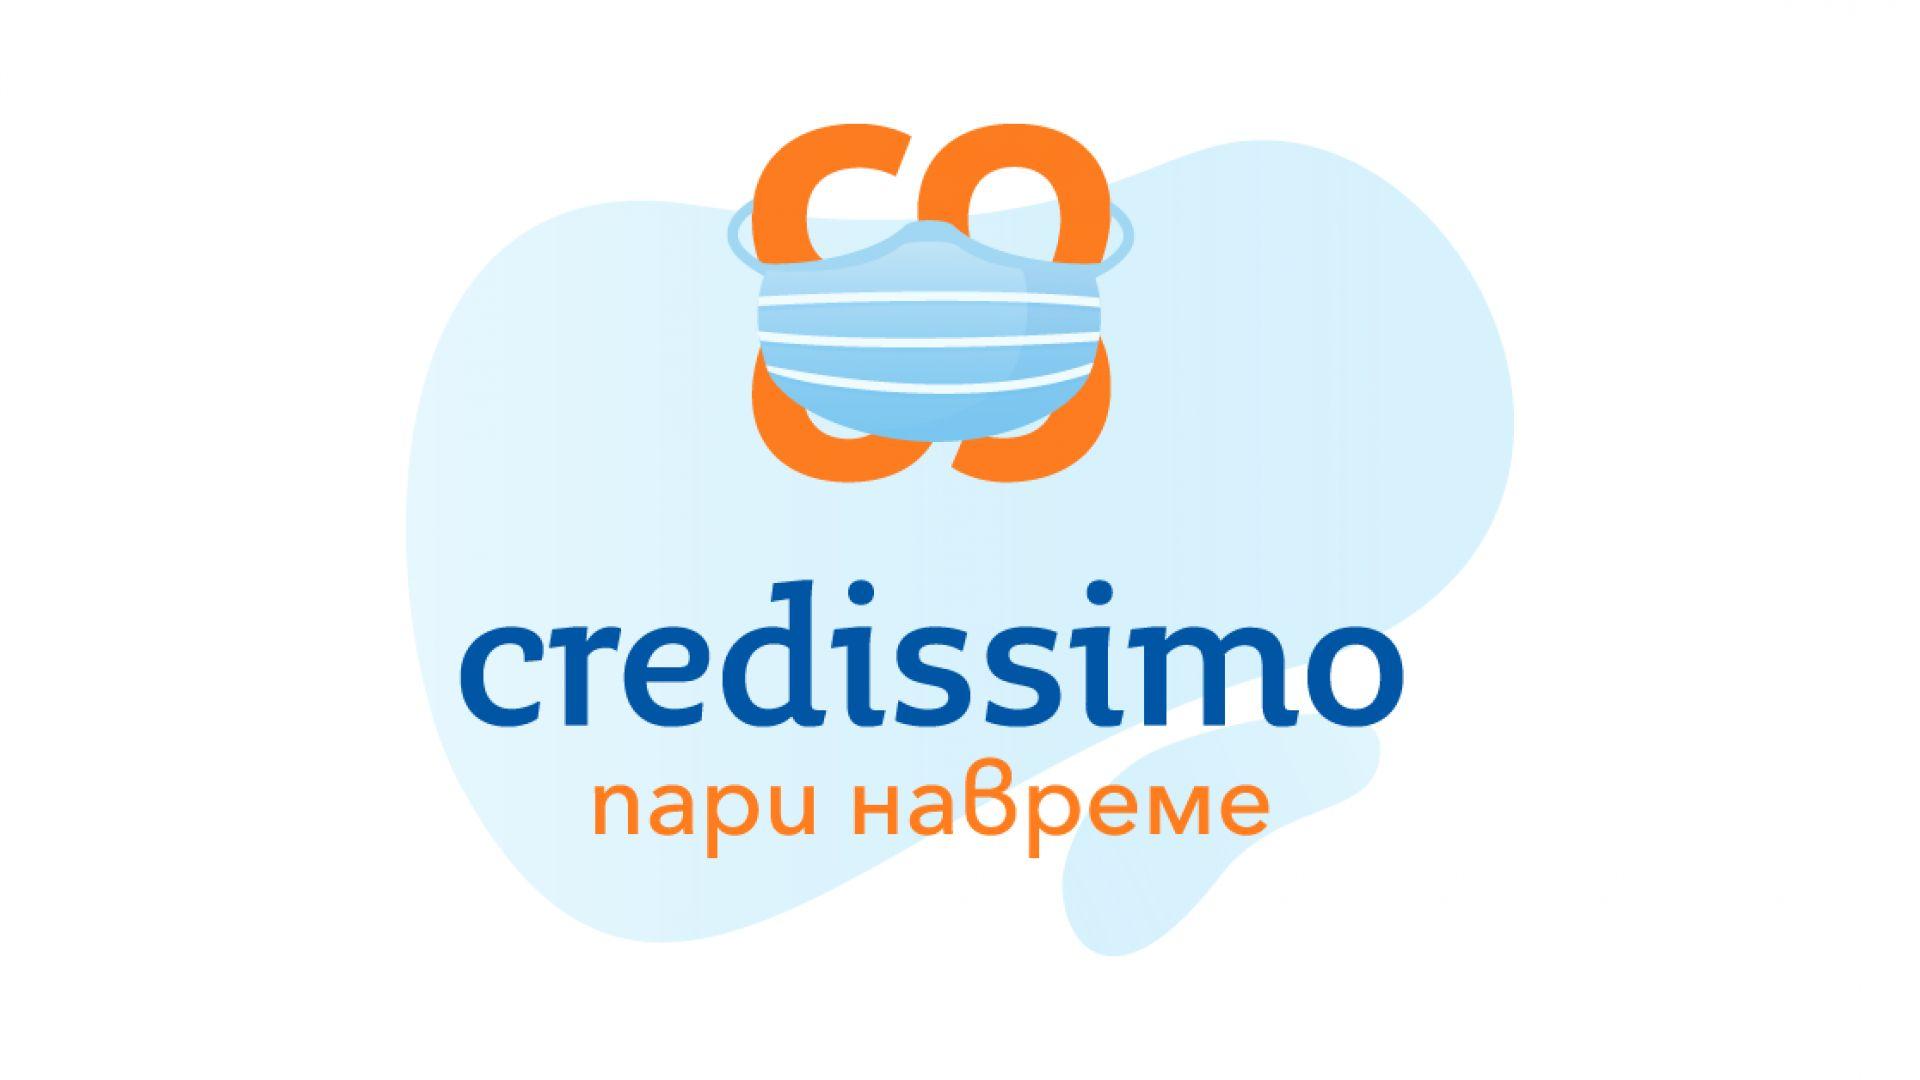 Credissimo първи отлагат вноските на всички свои клиенти, засегнати от COVID-19!